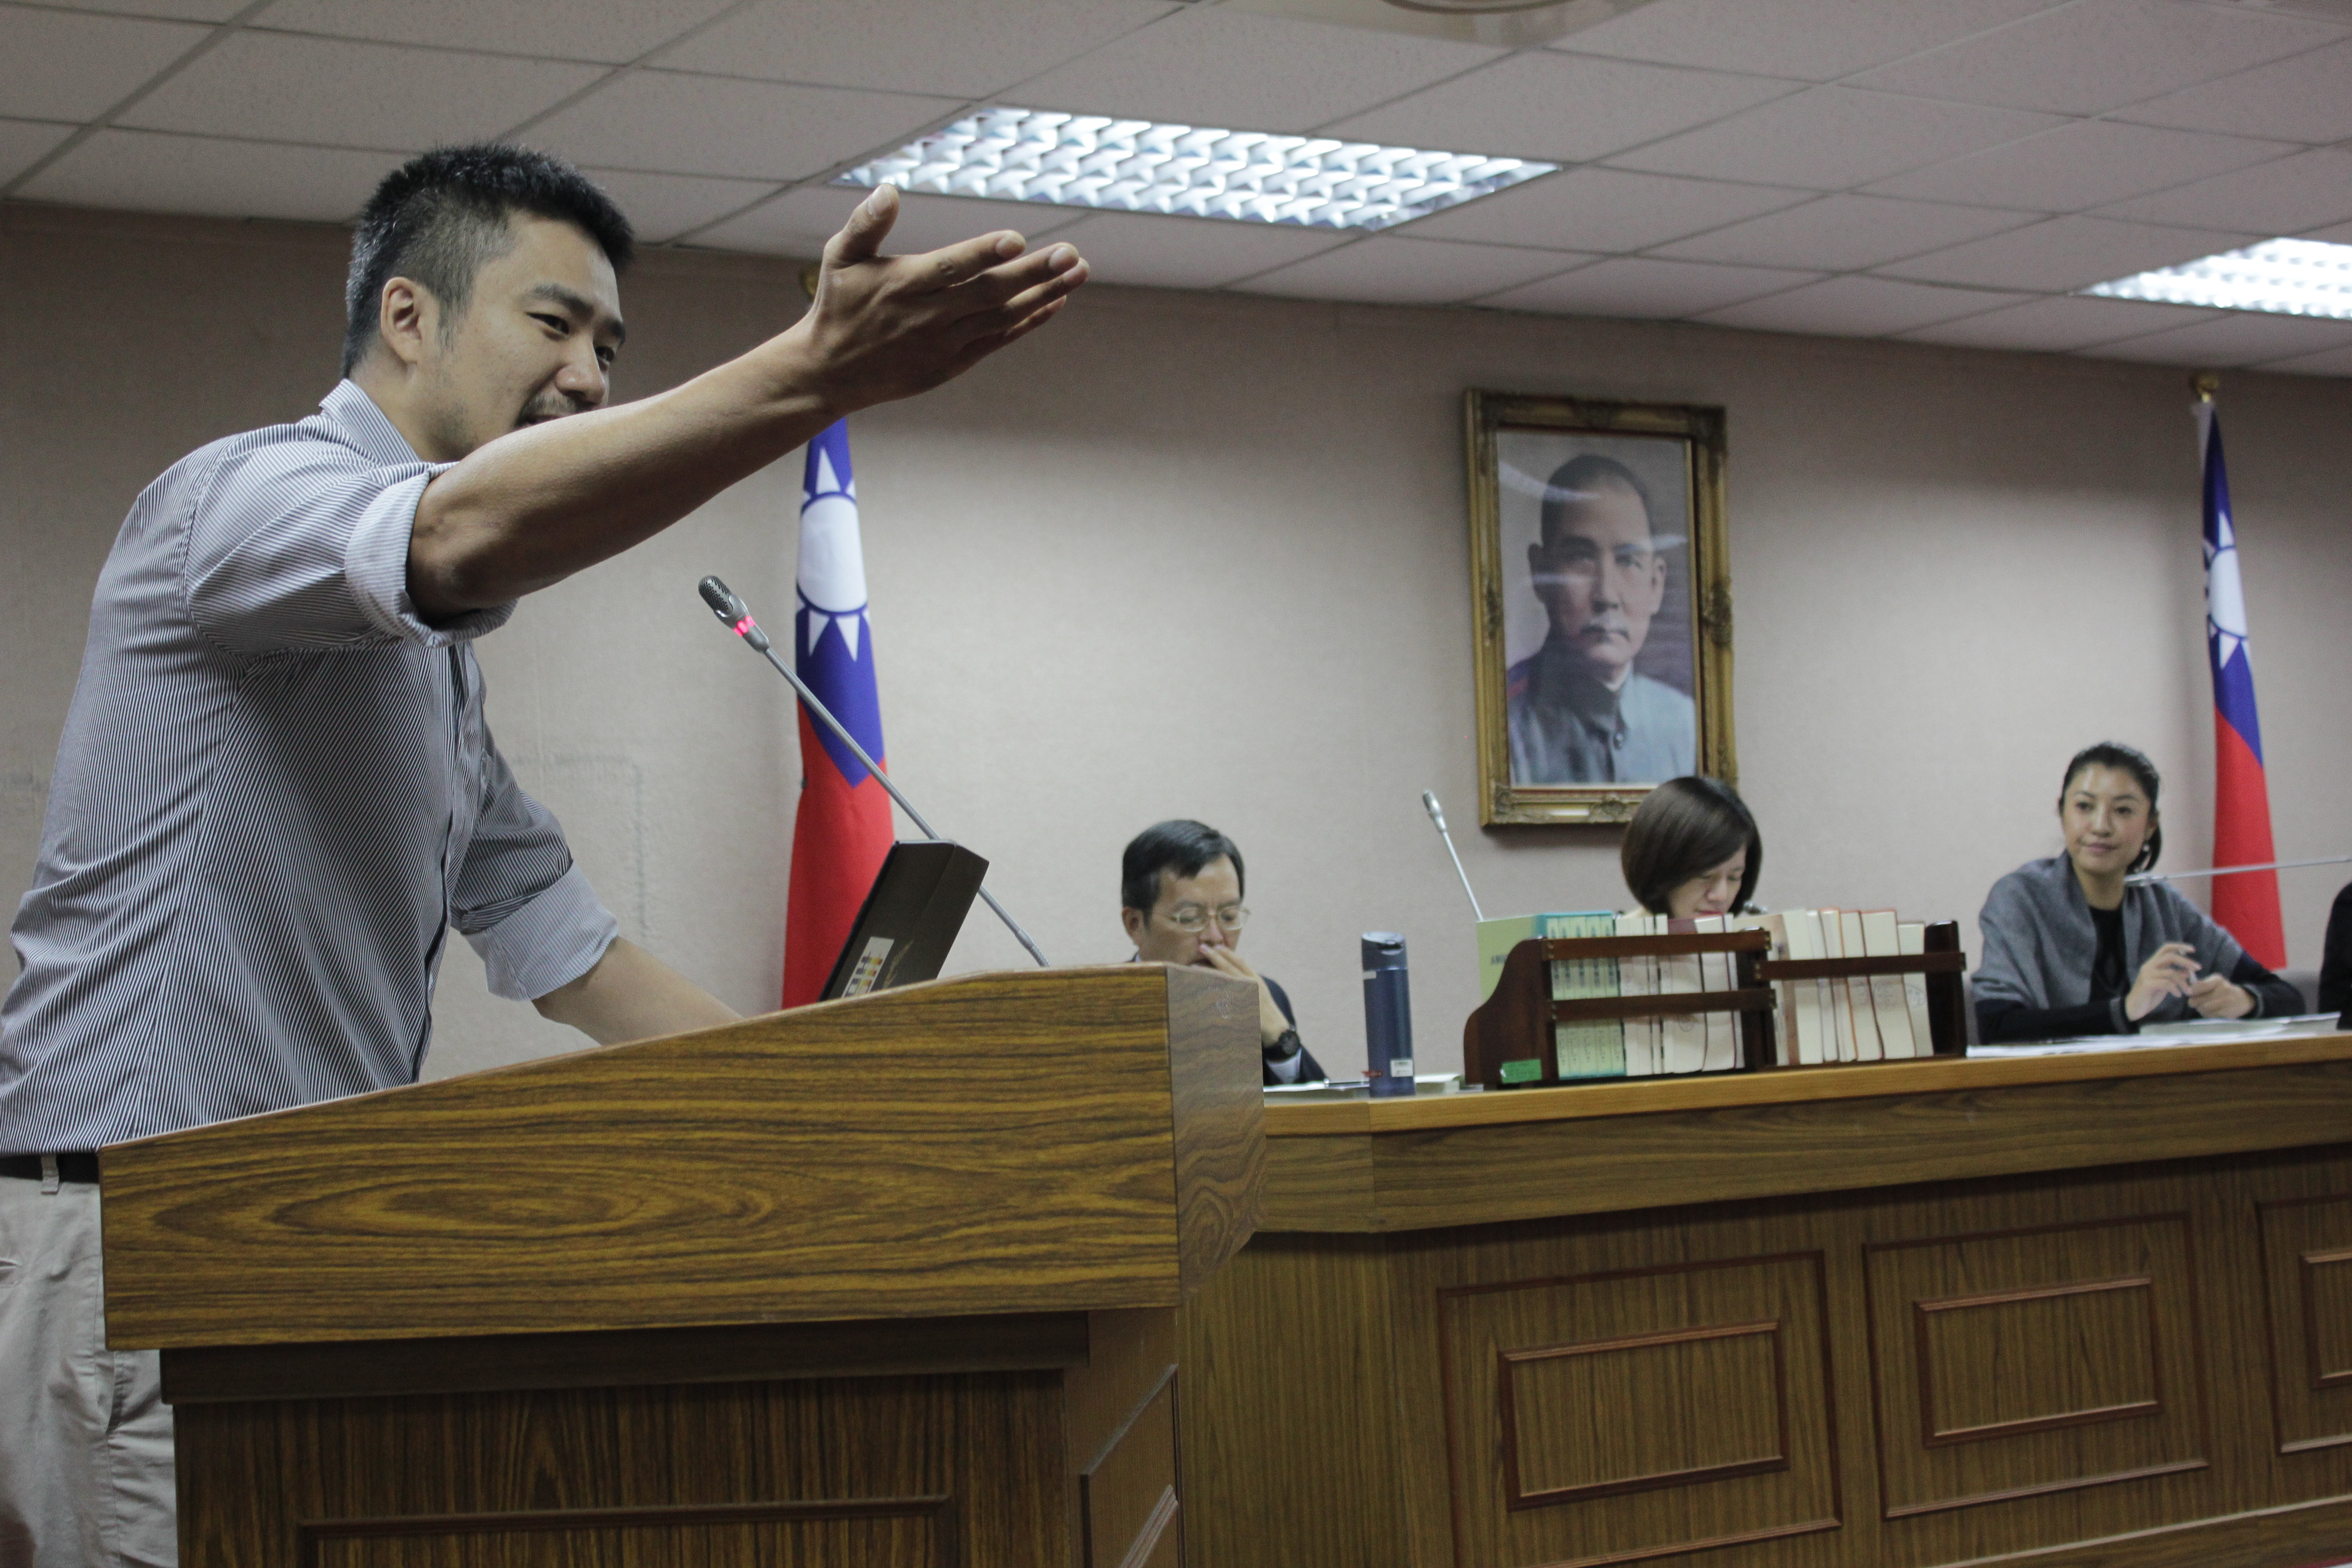 台灣國際同性權益促進會發言人陳志明表示,「同志與異性戀並沒有不同」。(攝影:張宗坤)